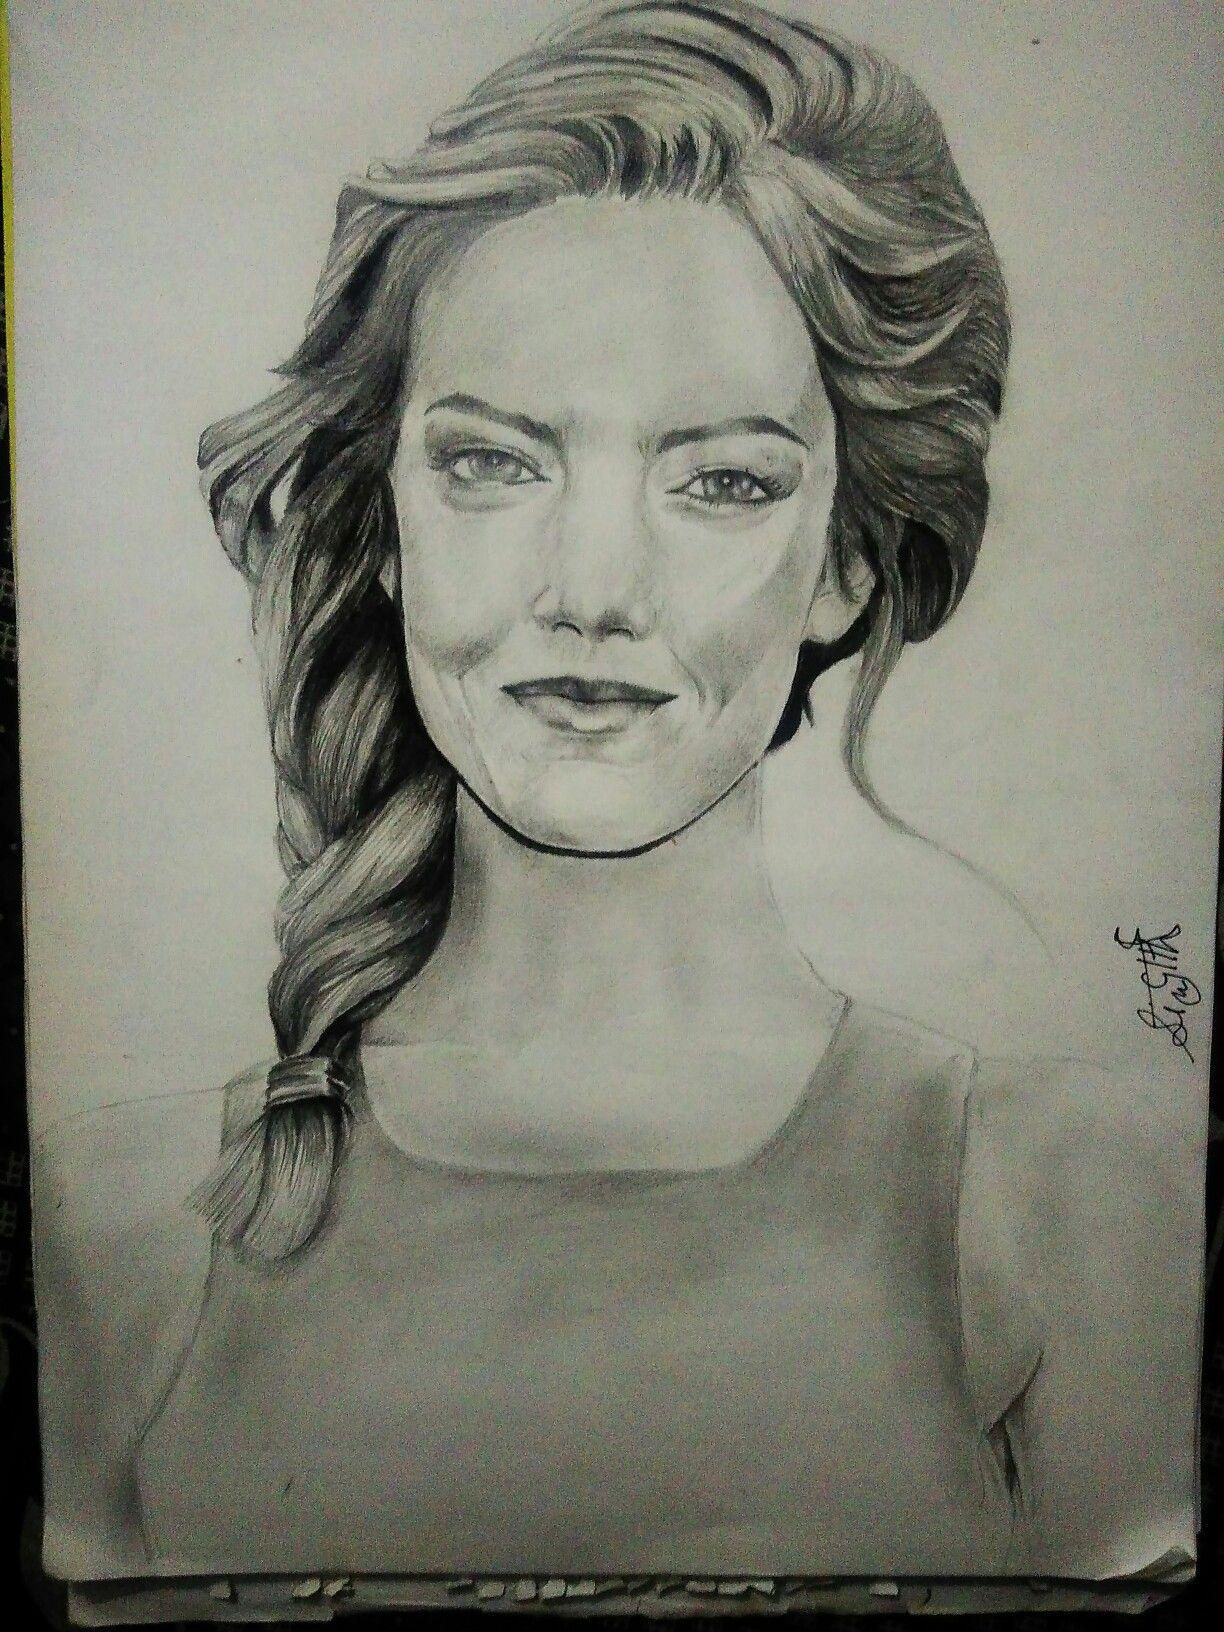 #portrait #charcoal #pencil